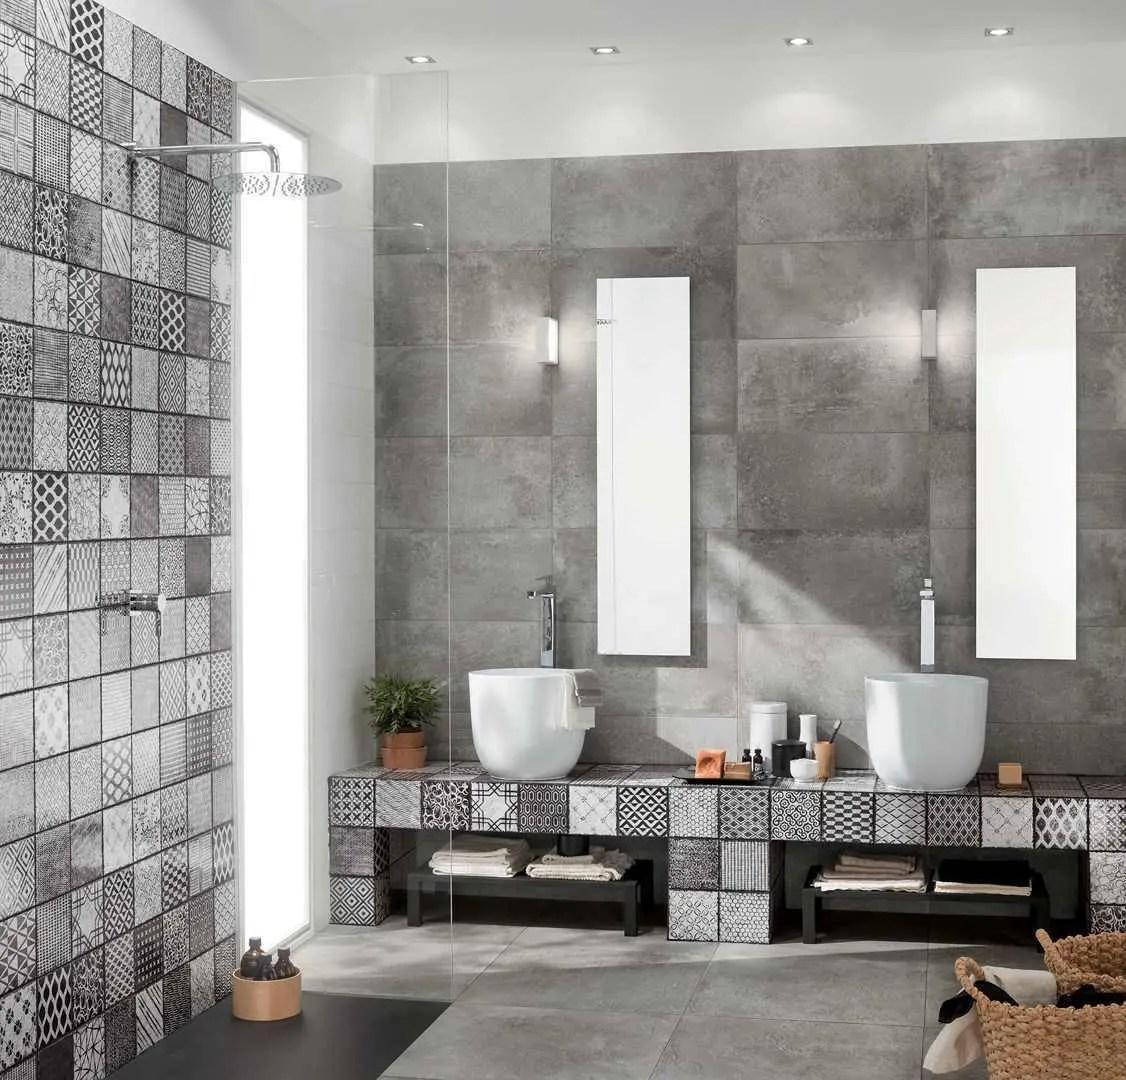 Hmade bagno effetto cementina e maiolica - Piastrelle bagno 30x60 ...